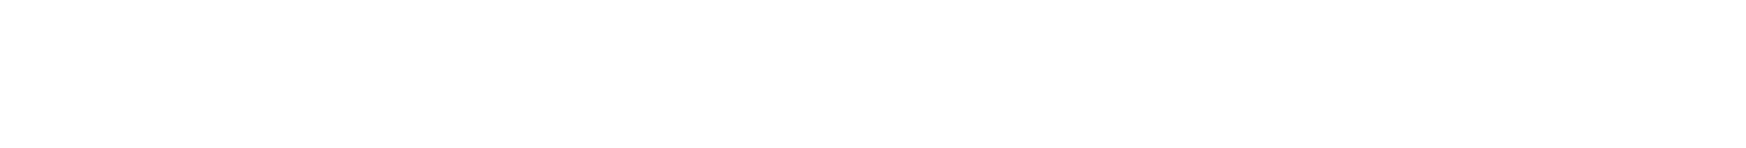 OFFICOO - Der Onlineshop für Telefonkabinen & Büroausstattung